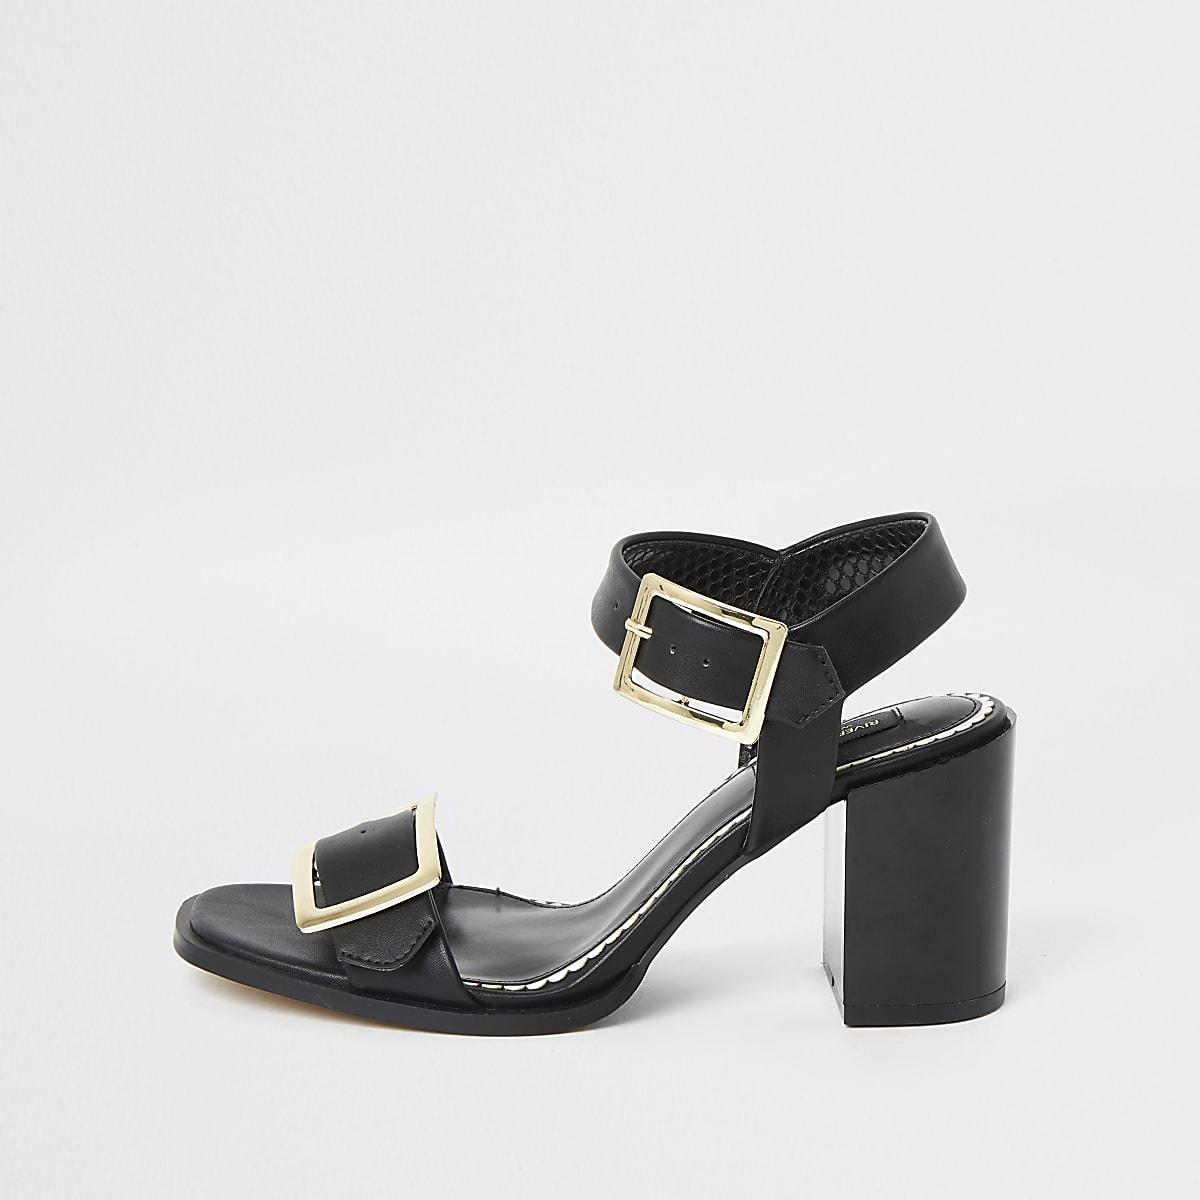 Zwarte sandalen met brede pasvorm met gesp en blokhak